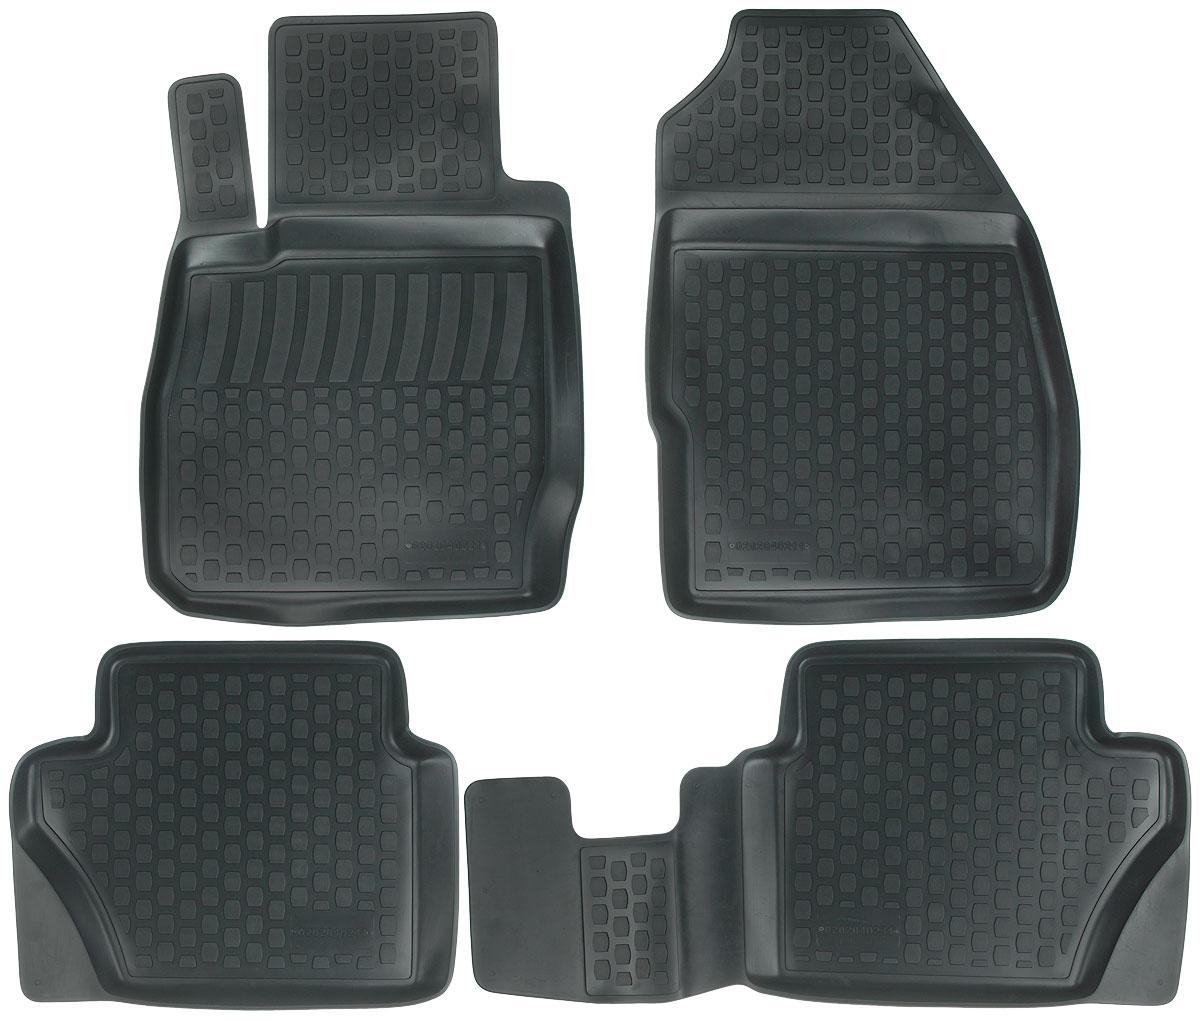 Набор автомобильных ковриков L.Locker Ford Fiesta 2008, в салон, 4 шт0202040201Набор L.Locker Ford Fiesta 2008, изготовленный из полиуретана,состоит из 4 ковриков, которые производятся индивидуально для каждой моделиавтомобиля. Изделие точно повторяет геометрию пола автомобиля, имеет высокийборт, обладает повышенной износоустойчивостью, лишено резкого запаха и сохраняет своипотребительские свойства в широком диапазоне температур от -50°С до +50°С.Комплектация: 4 шт.Размер ковриков: 74 см х 53 см; 86 см х 45 см; 54 см х 44 см; 75 см х 52 см.